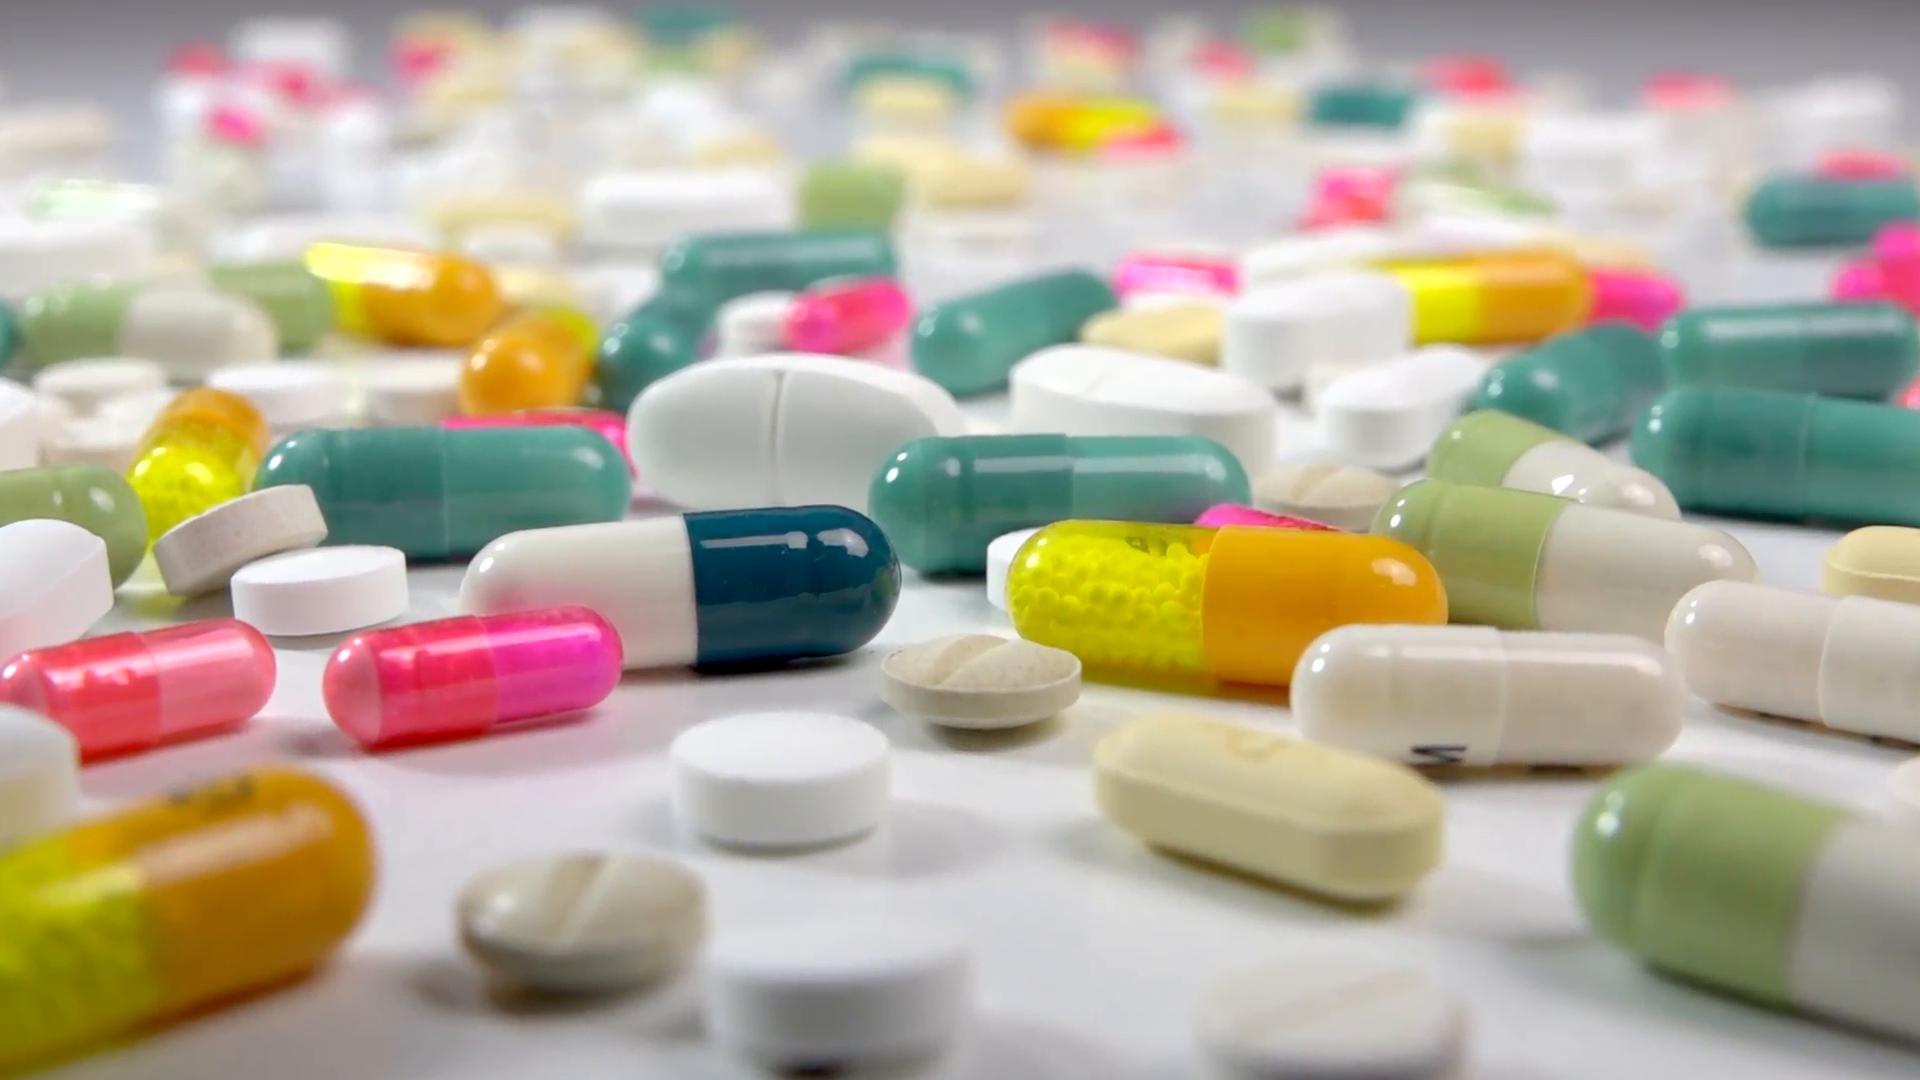 از مصرف خود سرانه کورتون برای درمان آلرژی پرهیز کنید